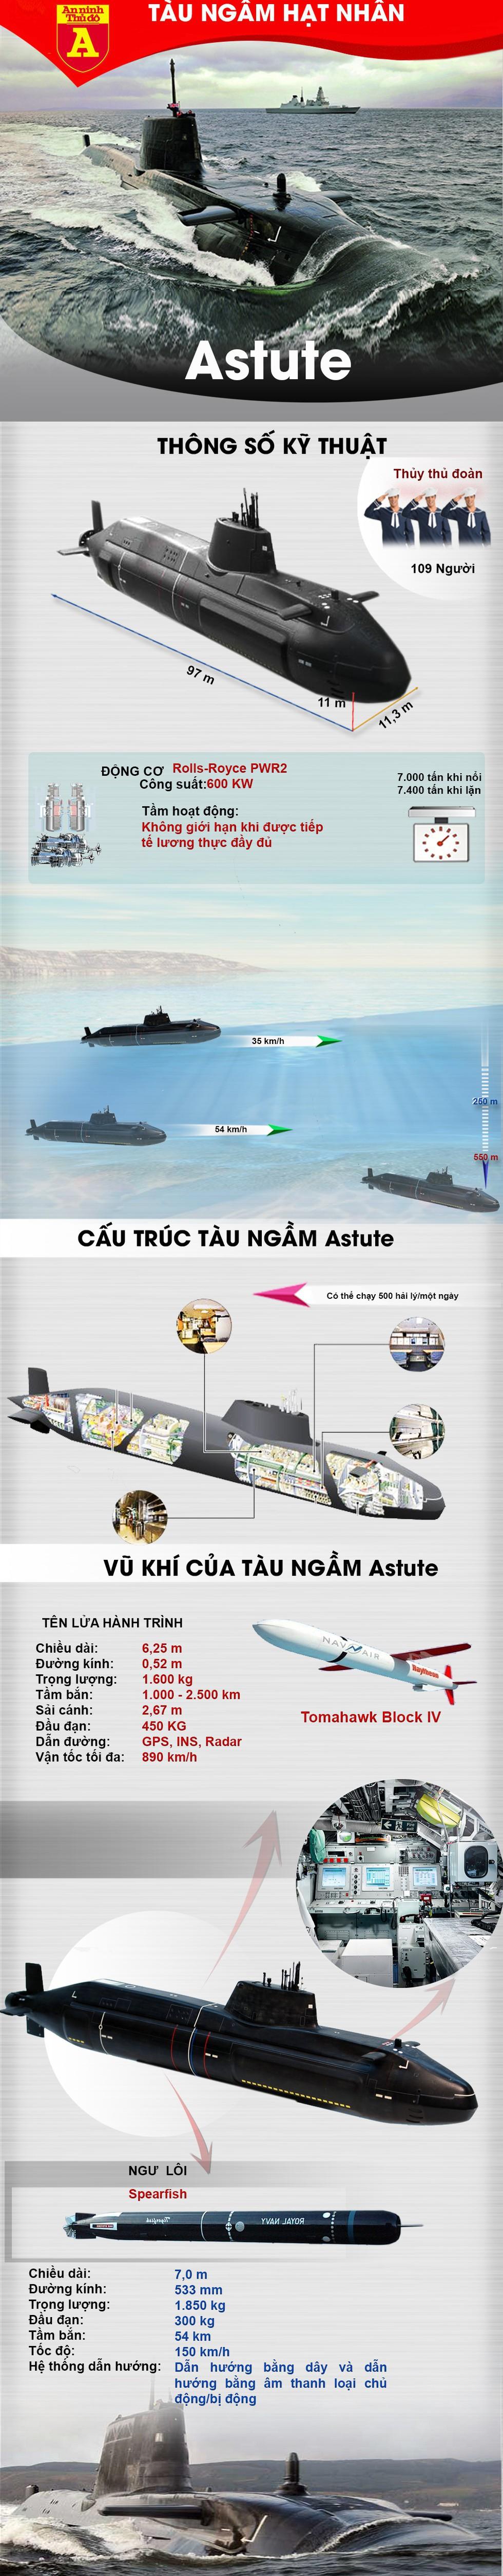 [Infographics] Hải quân Anh hạ thủy siêu tàu ngầm hạt nhân gần 2 tỷ USD - Ảnh 1